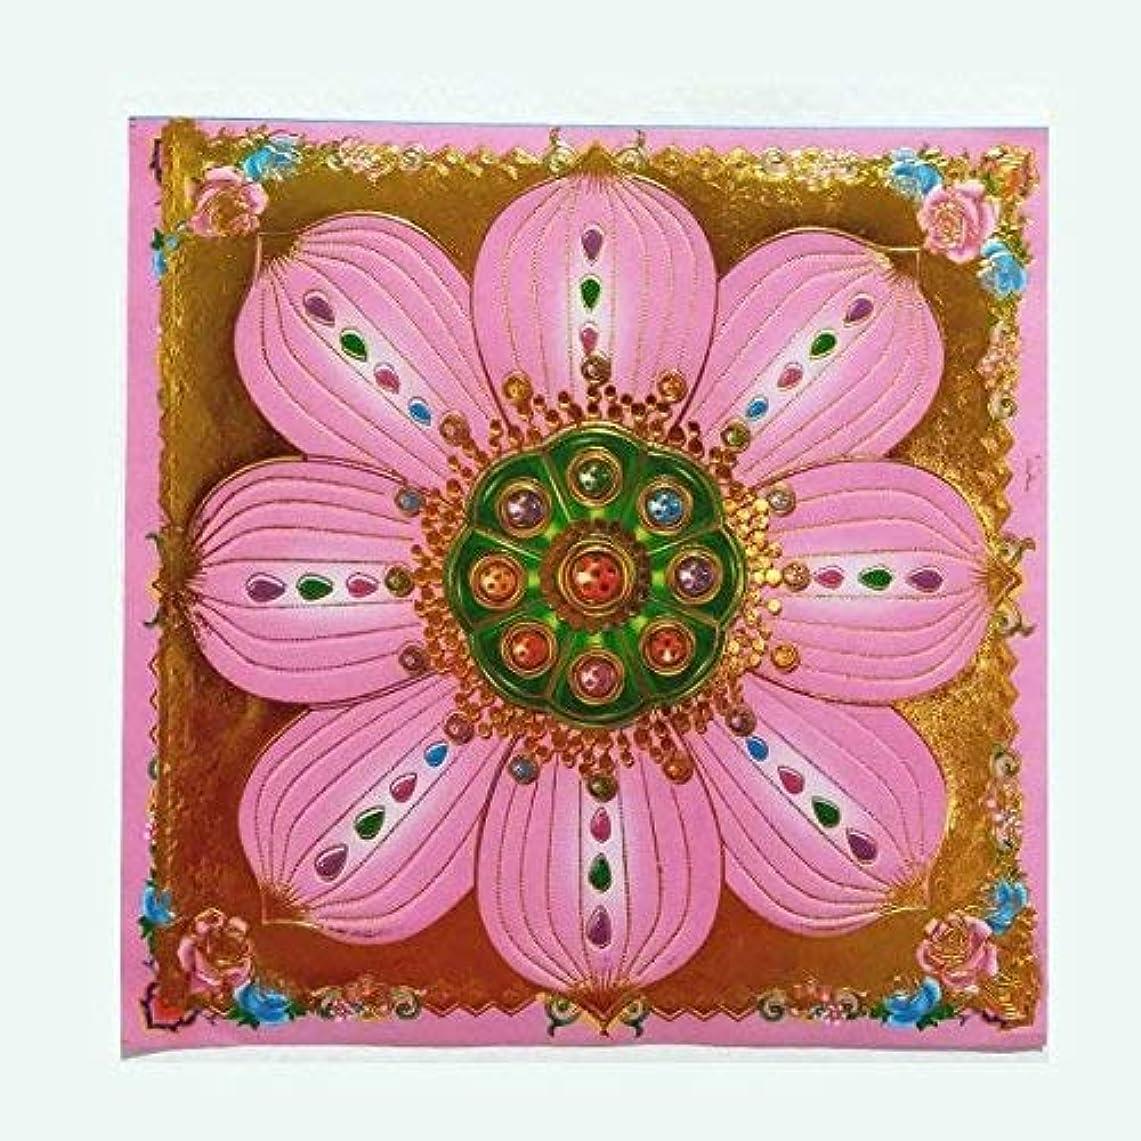 意味野心例外40pcs Incense用紙/ Joss用紙ハイグレードカラフルwithゴールドの箔Sサイズの祖先Praying 7.5インチx 7.5インチ(ピンク)